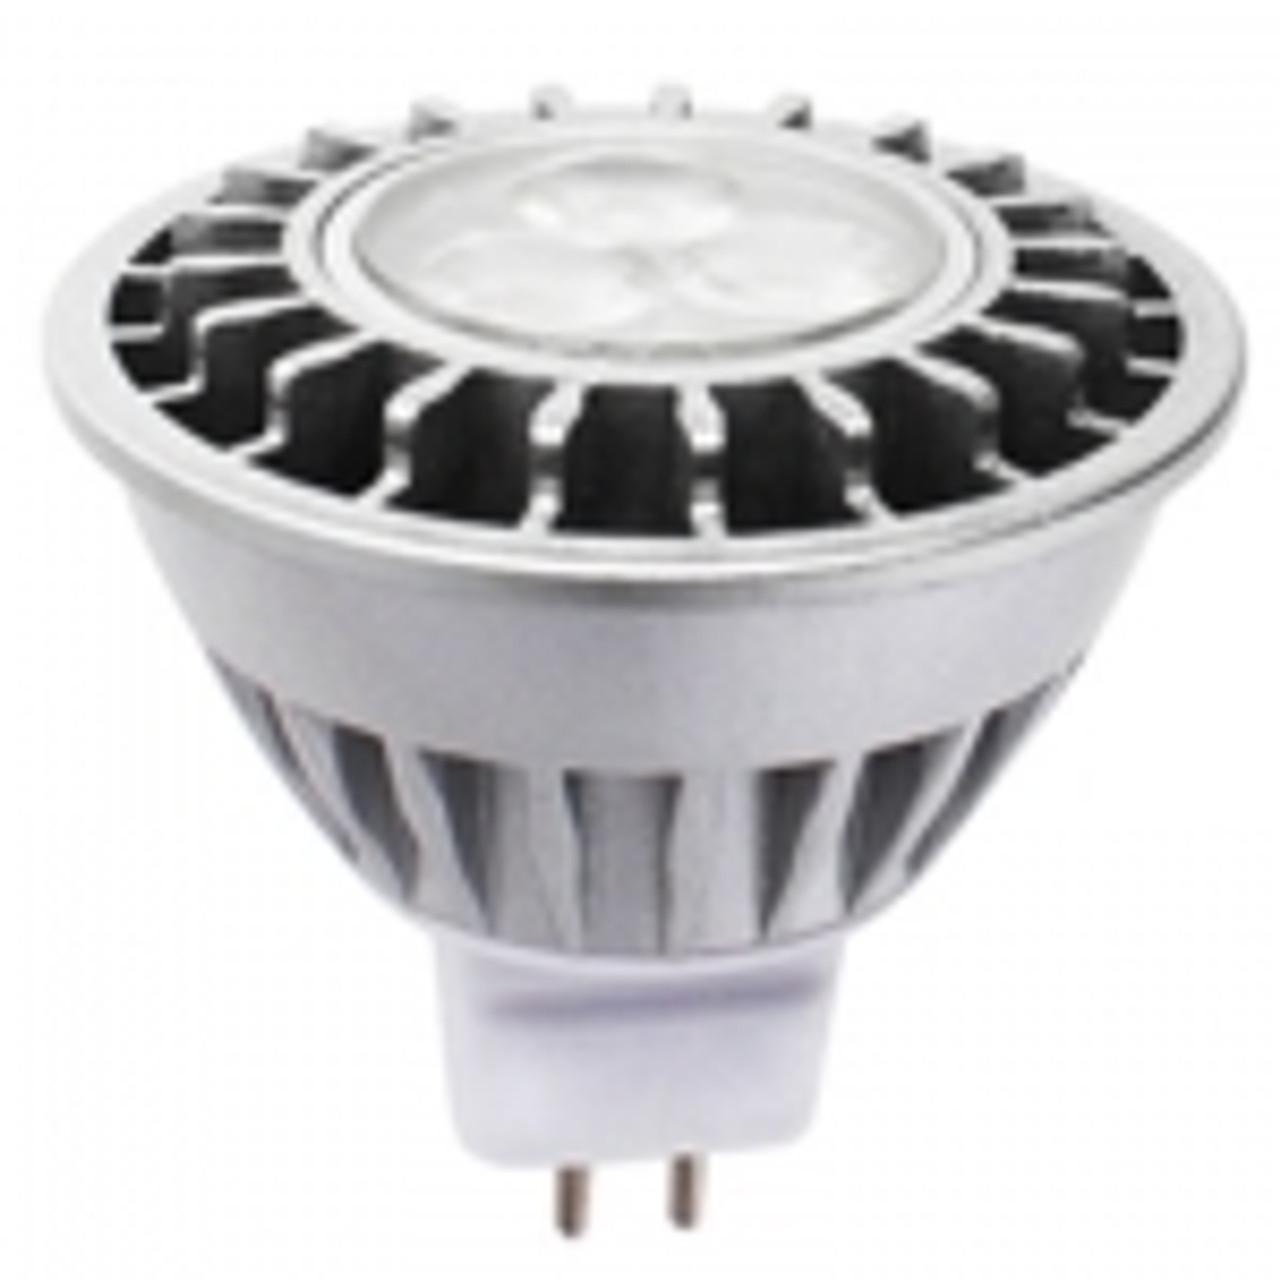 LED MR16 - 120V